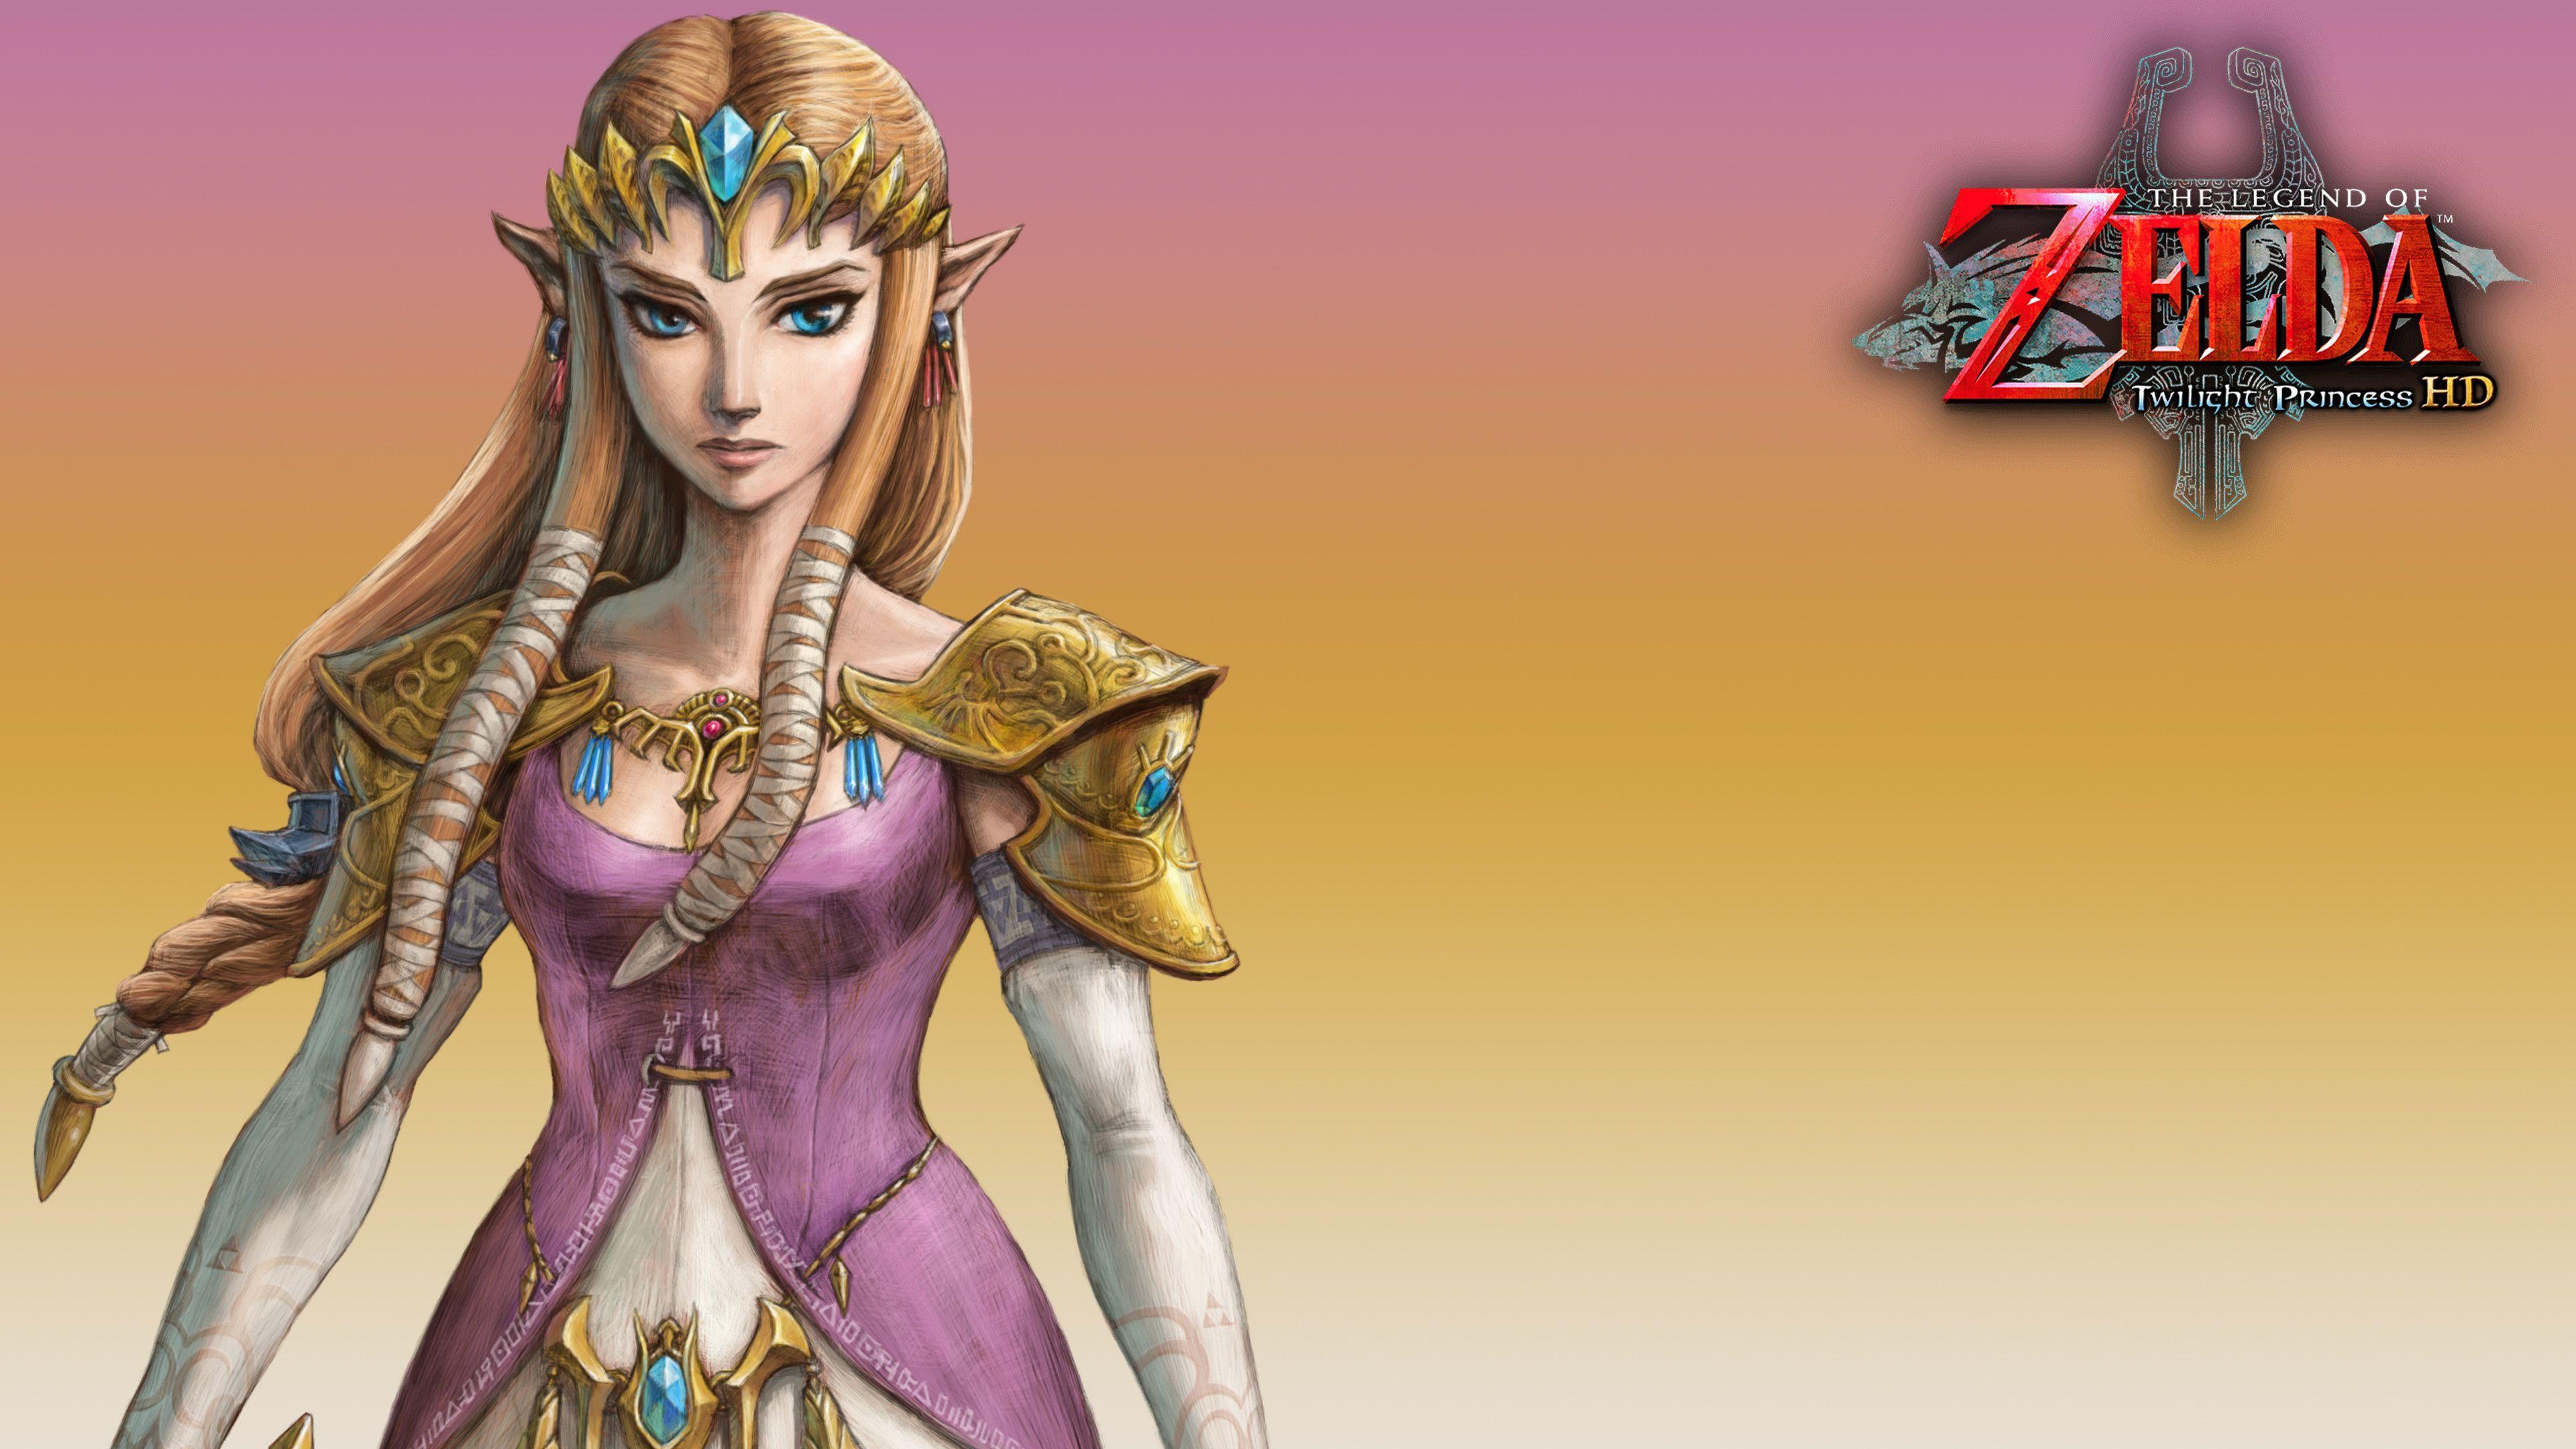 Princess Zelda Wallpapers - Top Free